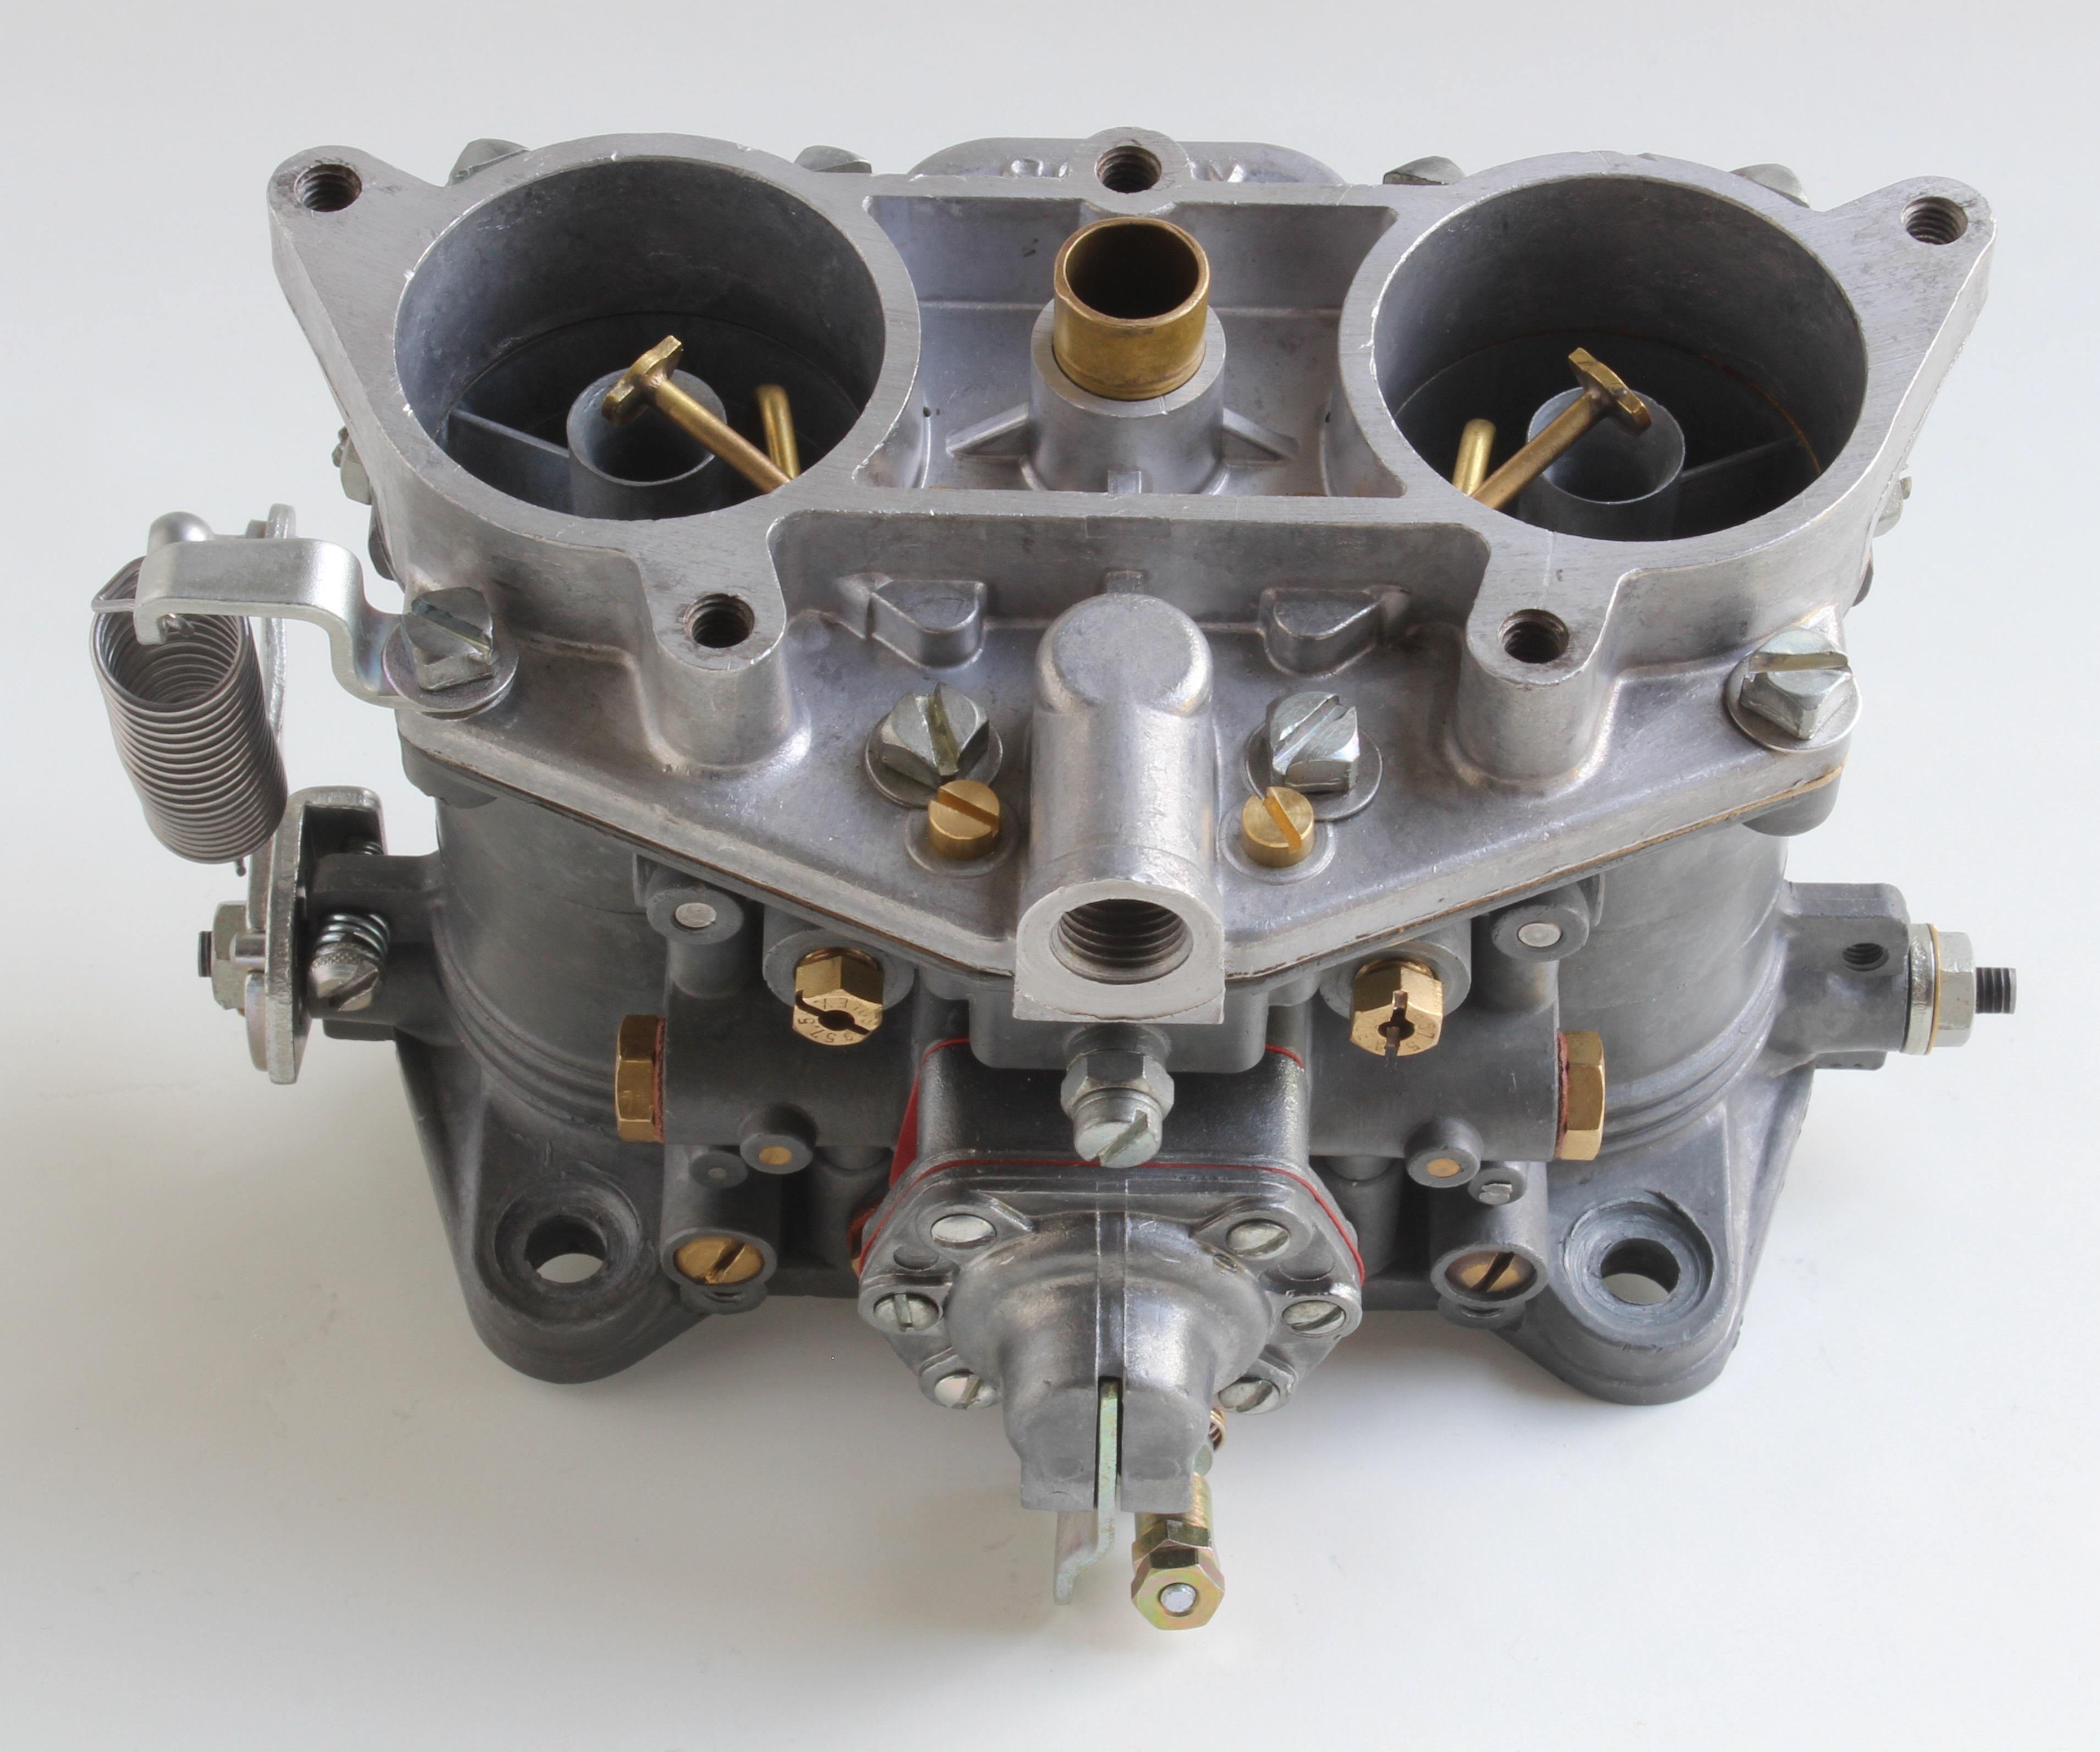 Carburetors - Carbs-Fuel-Ignition (CFI) - Repair & Sales